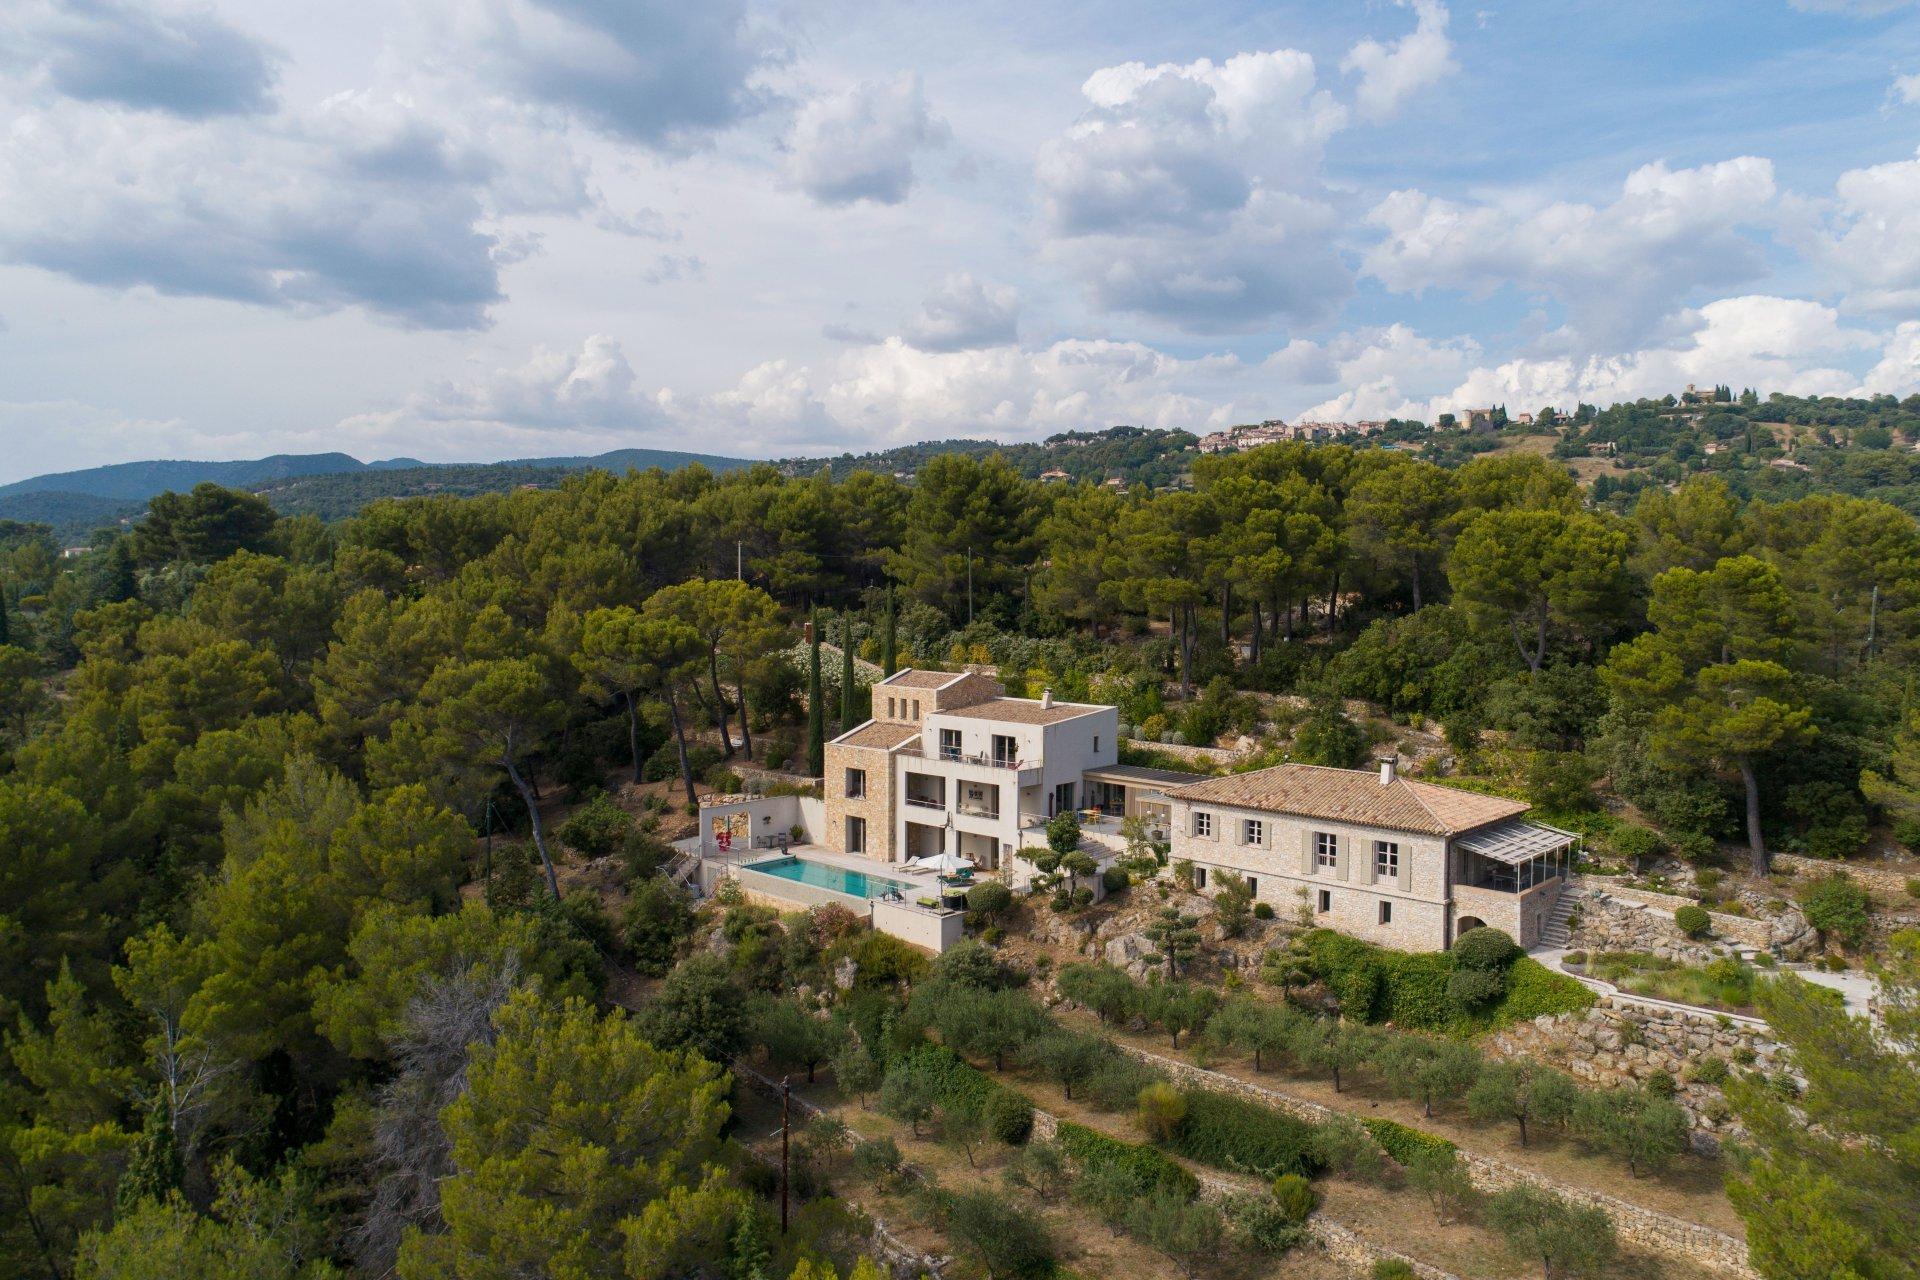 Indrukwekkende property met panoramisch uitzicht dichtbij het dorp Tourtour